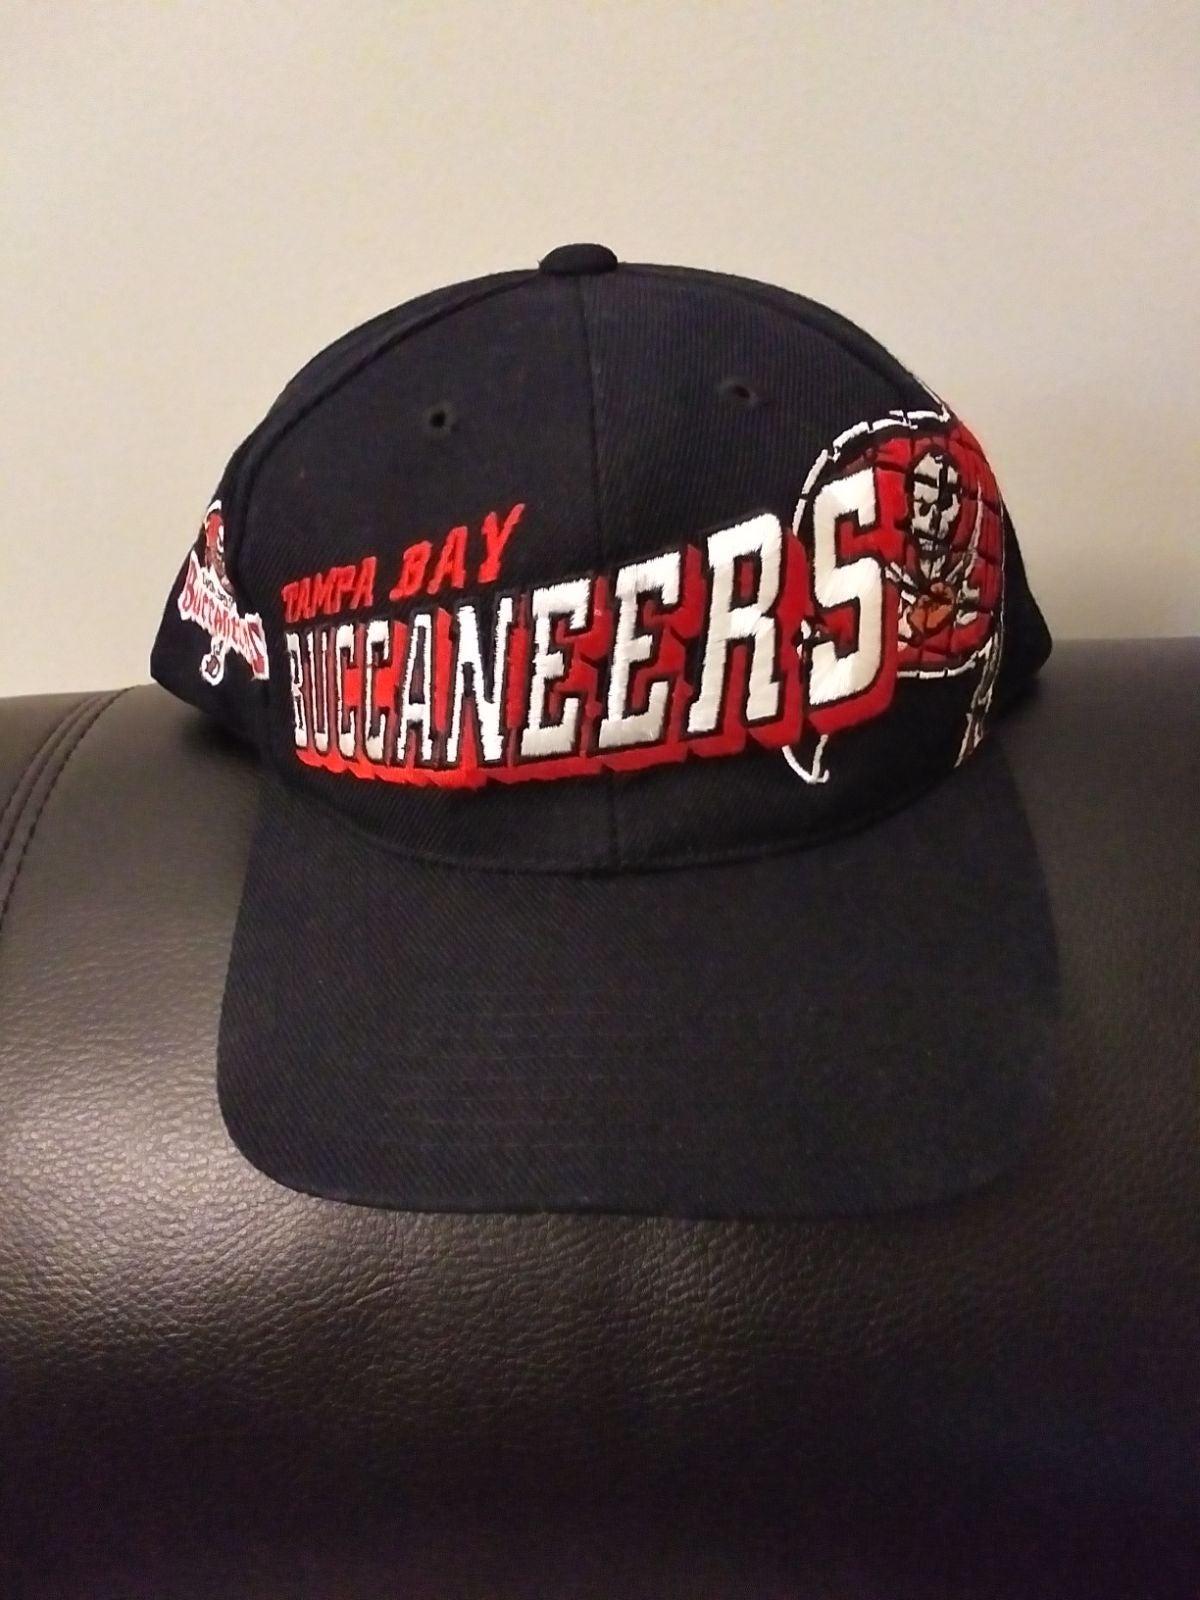 Tampa Bay Buccaneers Sports Specialties